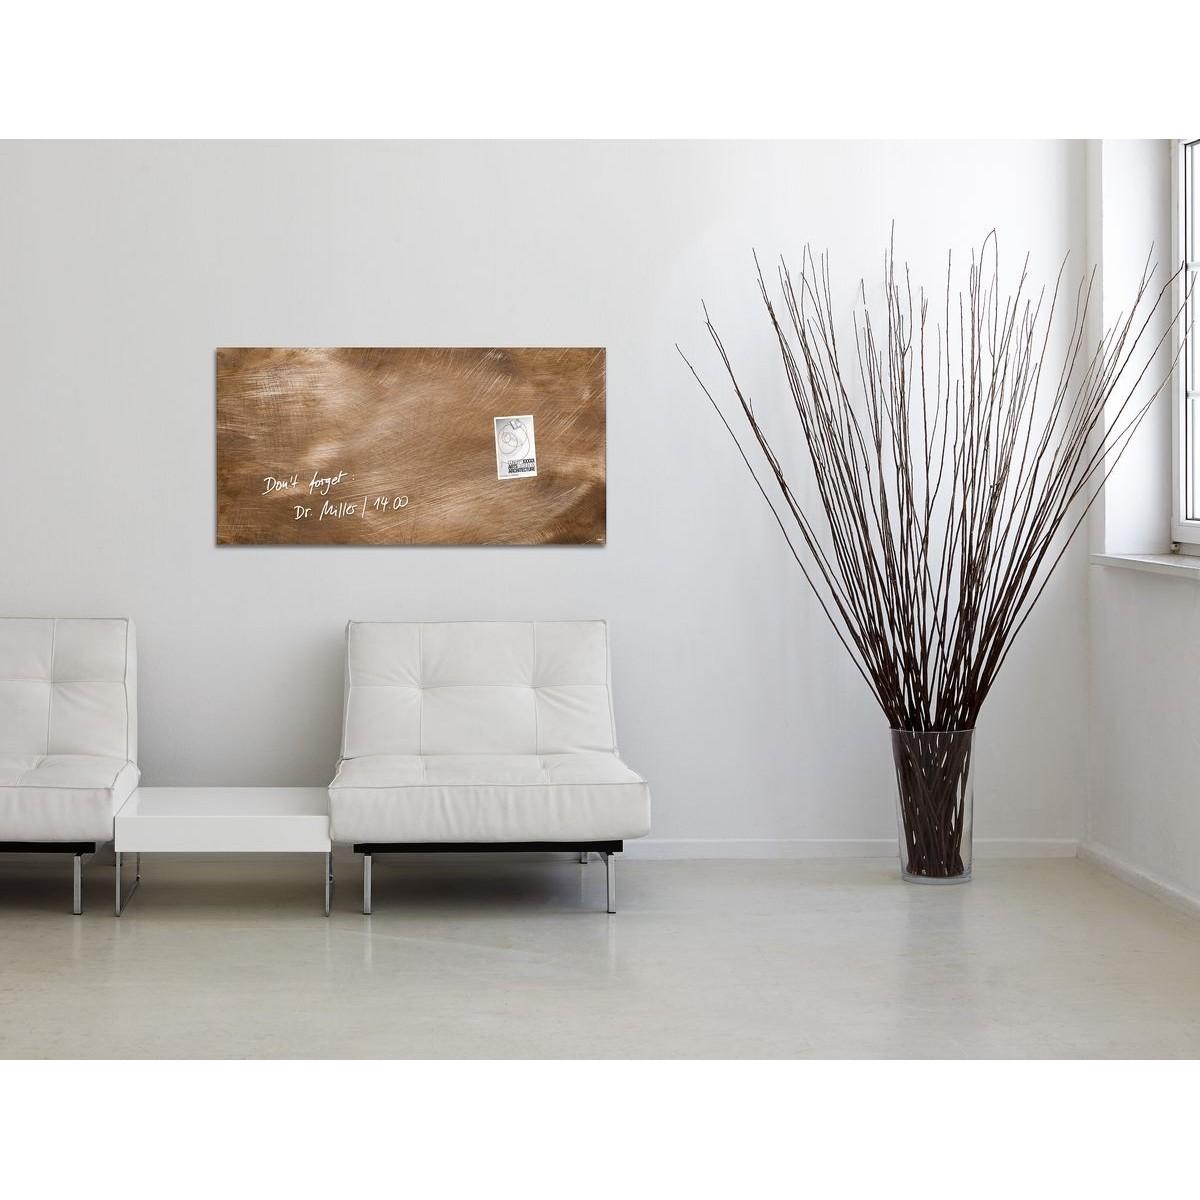 GL267 - Sigel - Lavagna Magnetica - Used-Bronze, 91 x 46 cm